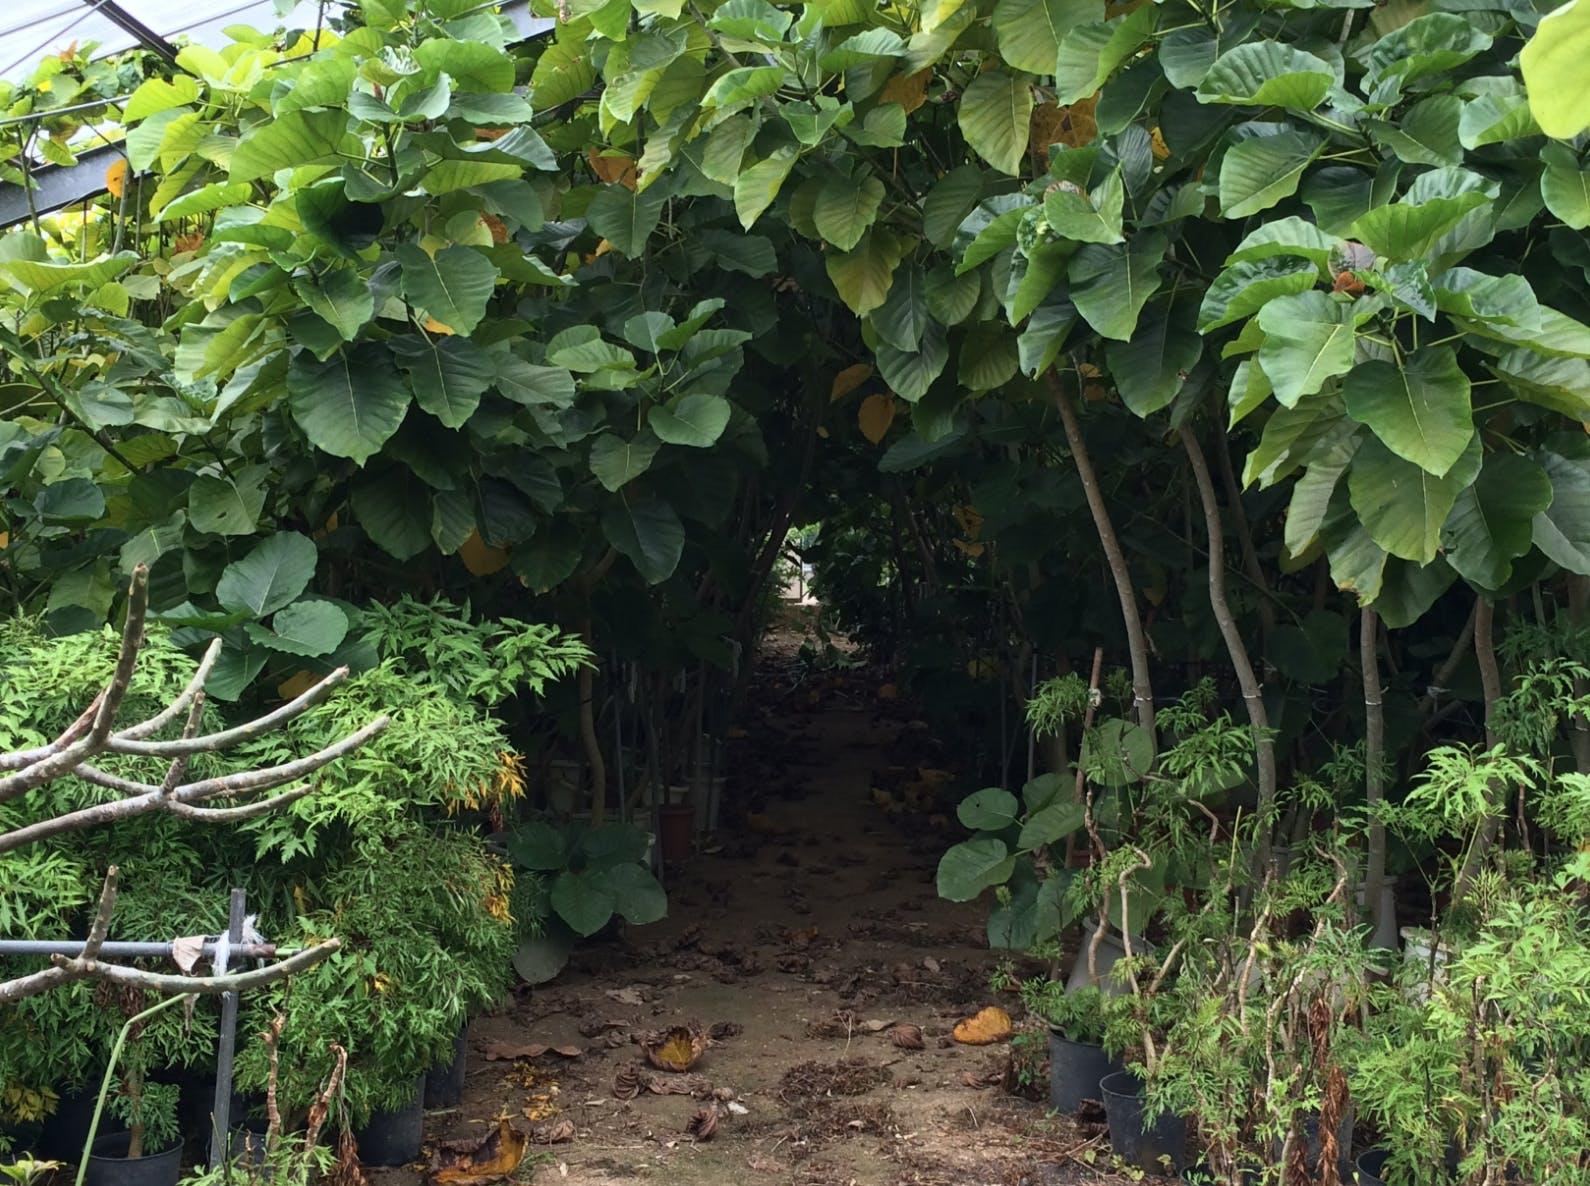 枯らしたくない人のために。 土を使わない観葉植物「セラミックソイル」